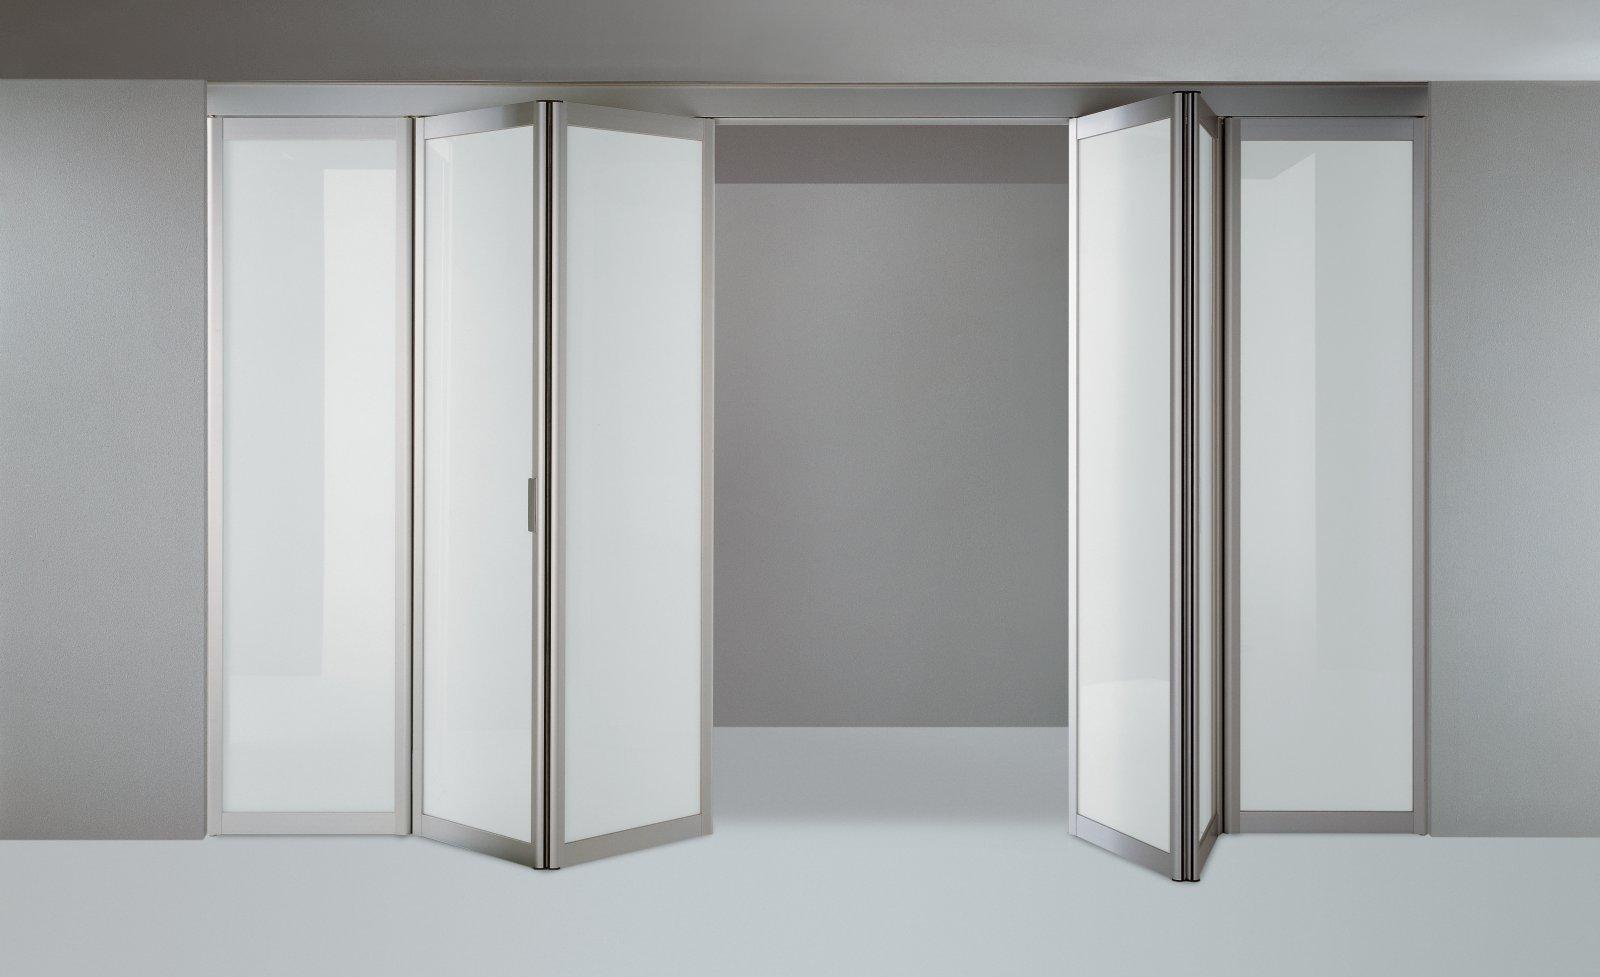 Puertas Correderas Para El Interior De Nuestro Hogar Decoraci N  ~ Puerta Corredera Cristal Cocina